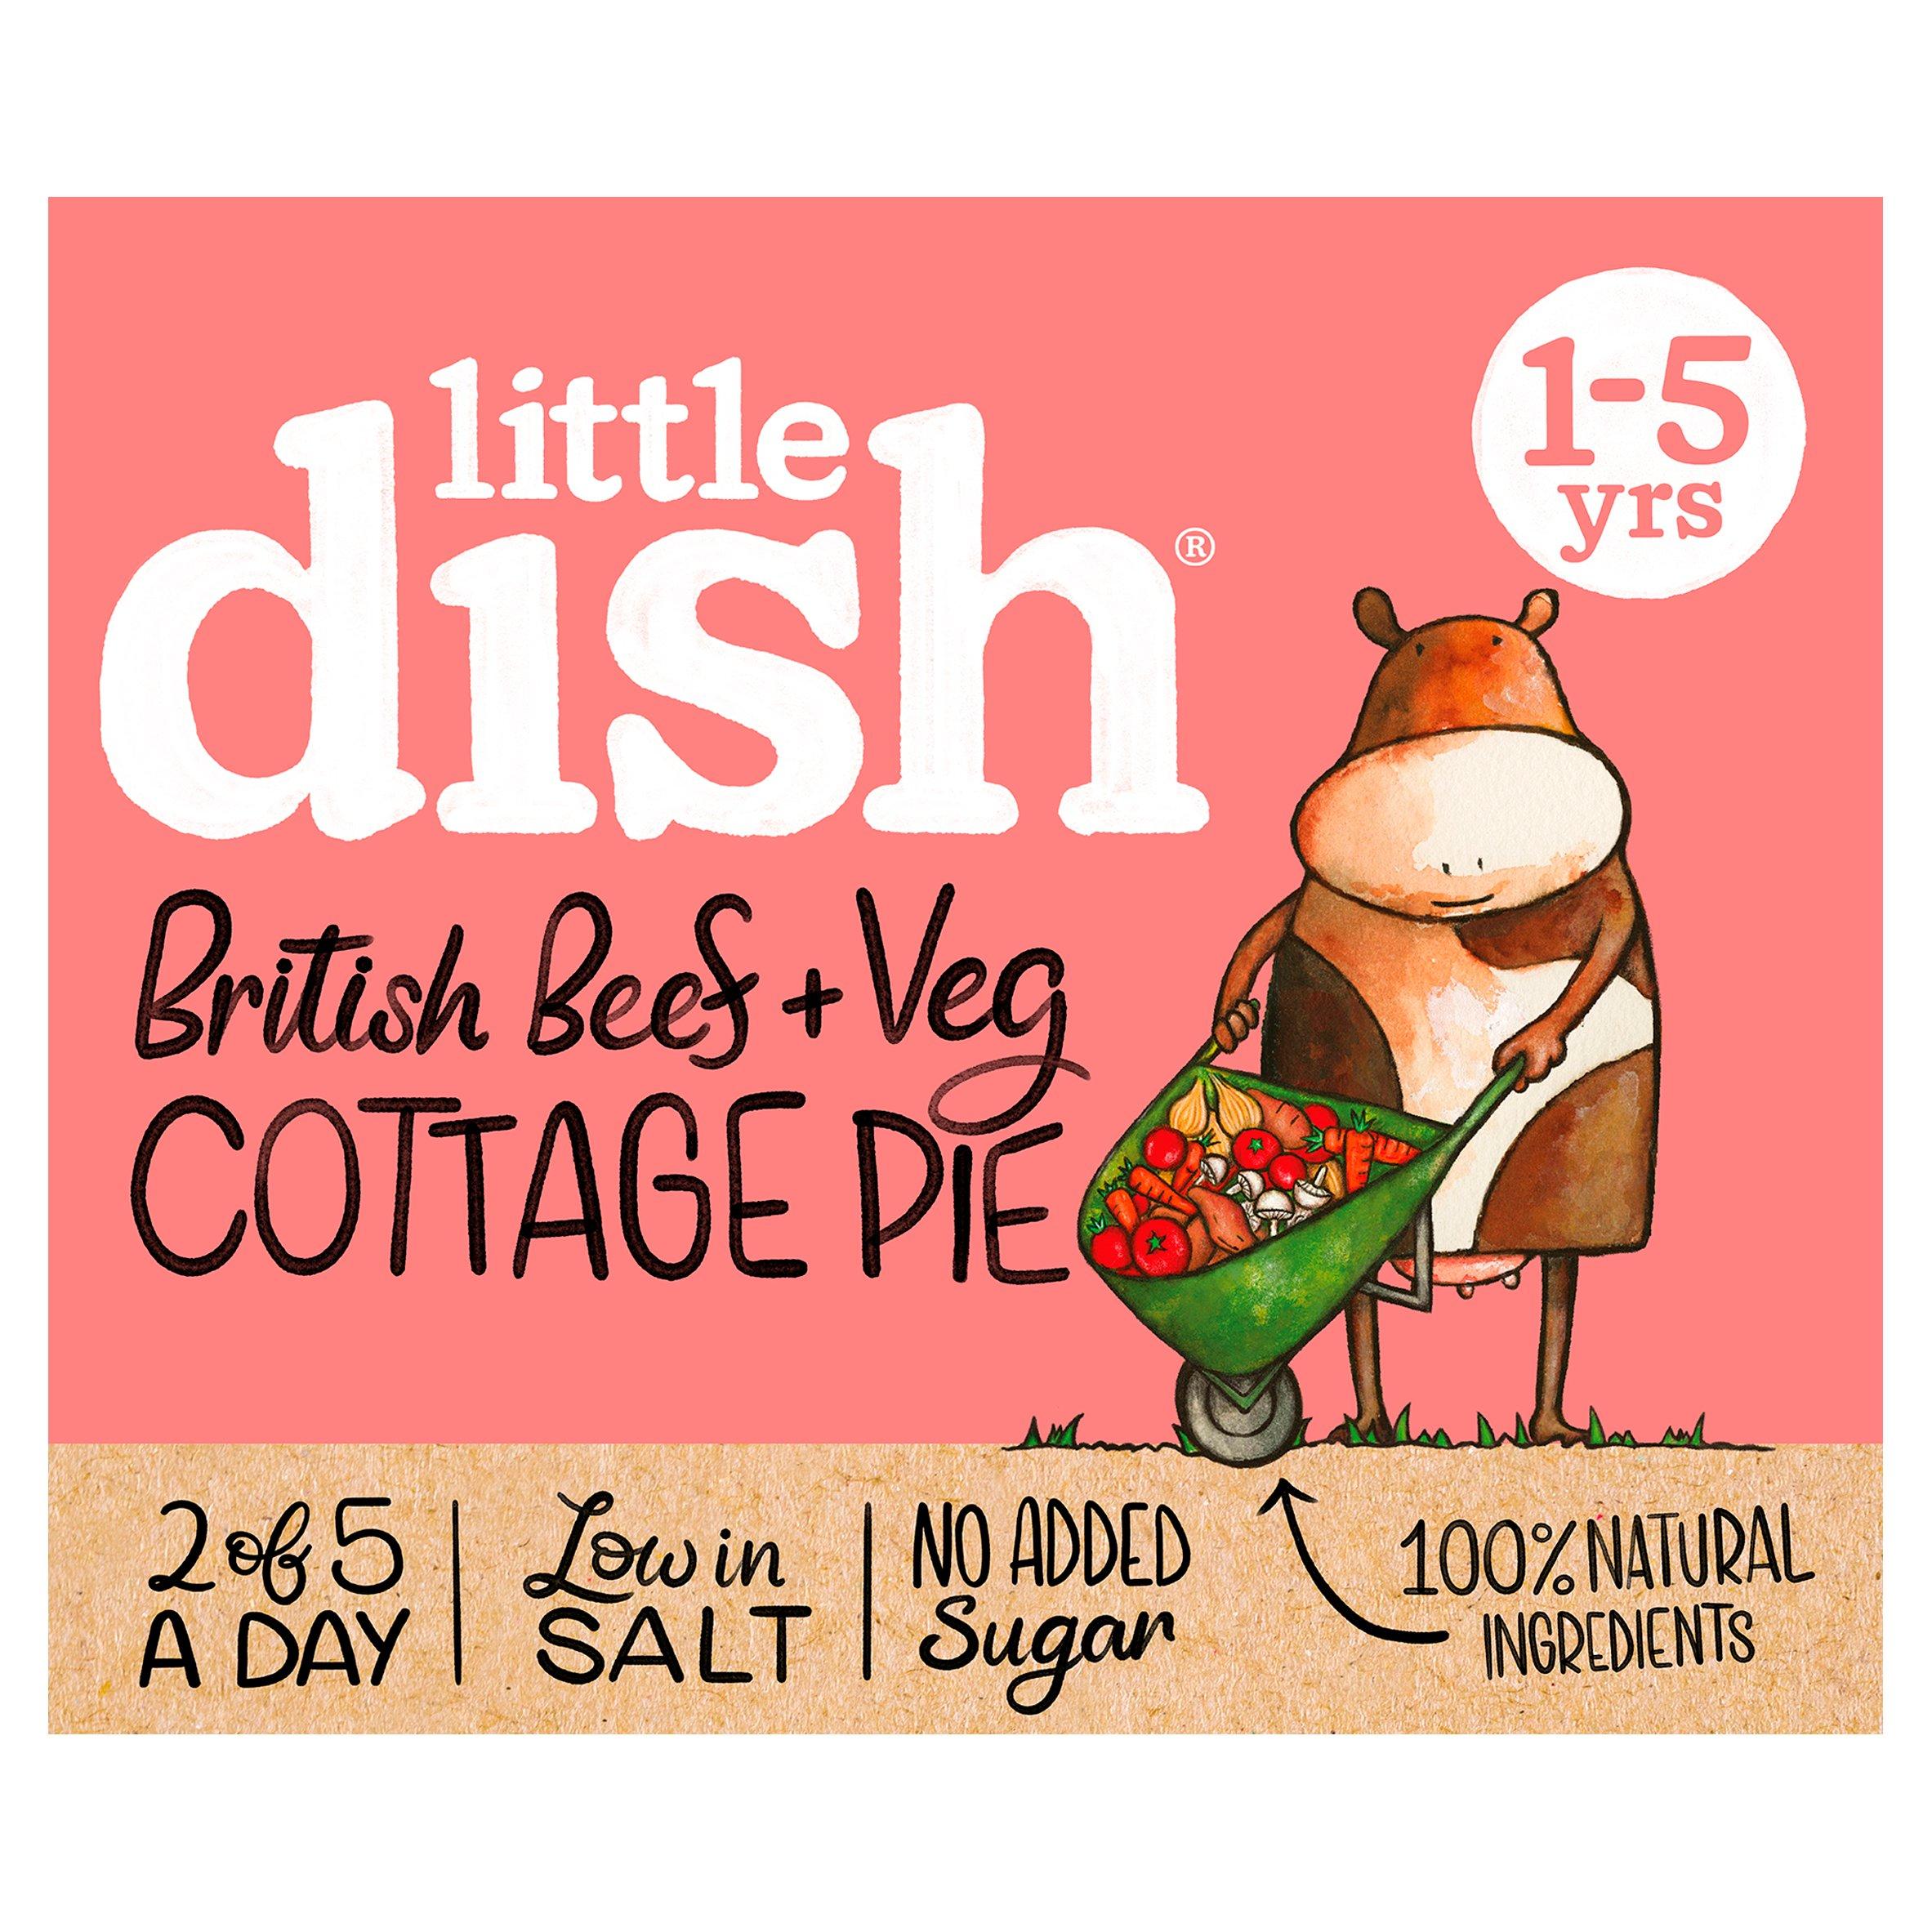 Little Dish 1Yr+ Cottage Pie 200G